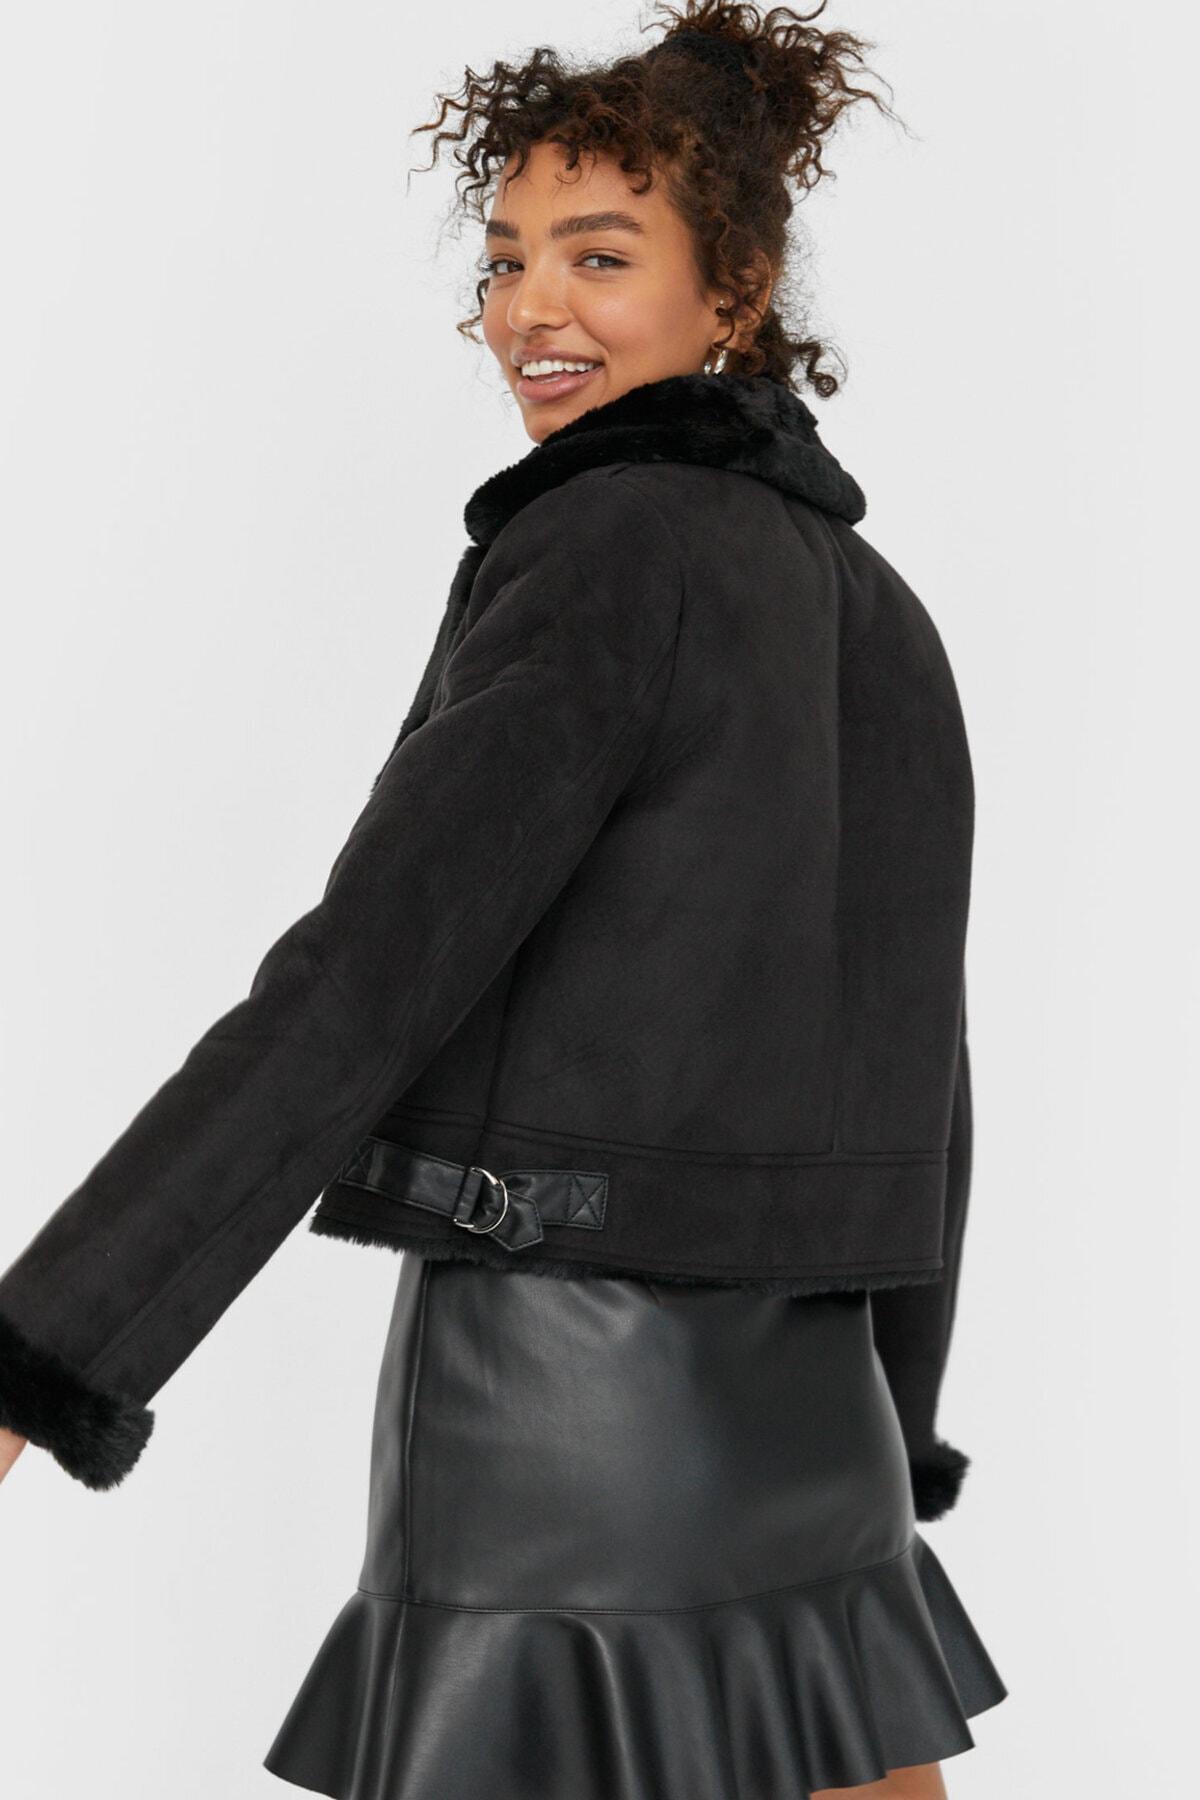 Stradivarius Kadın Siyah Kısa Biker Ceket 05758423 2